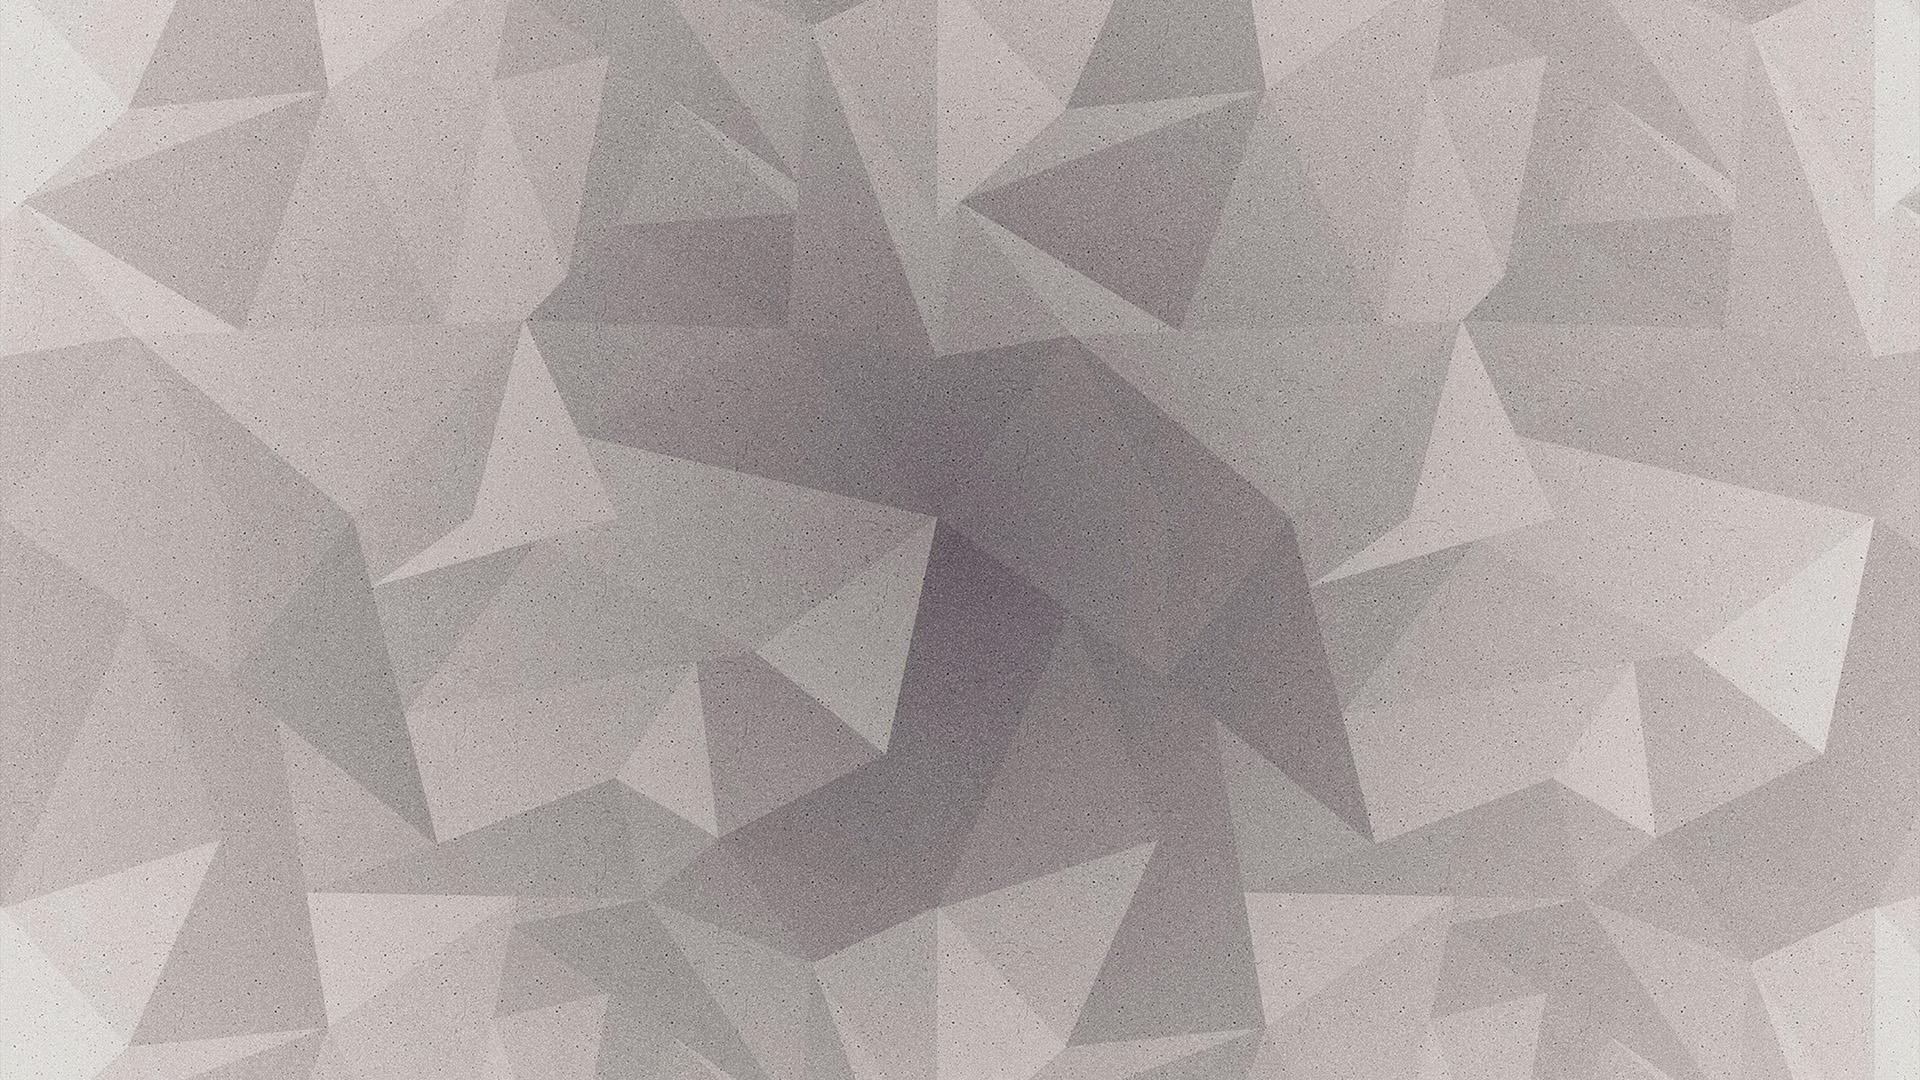 Papersco Desktop Wallpaper Vt29 Abstract Polygon White Bw Pattern